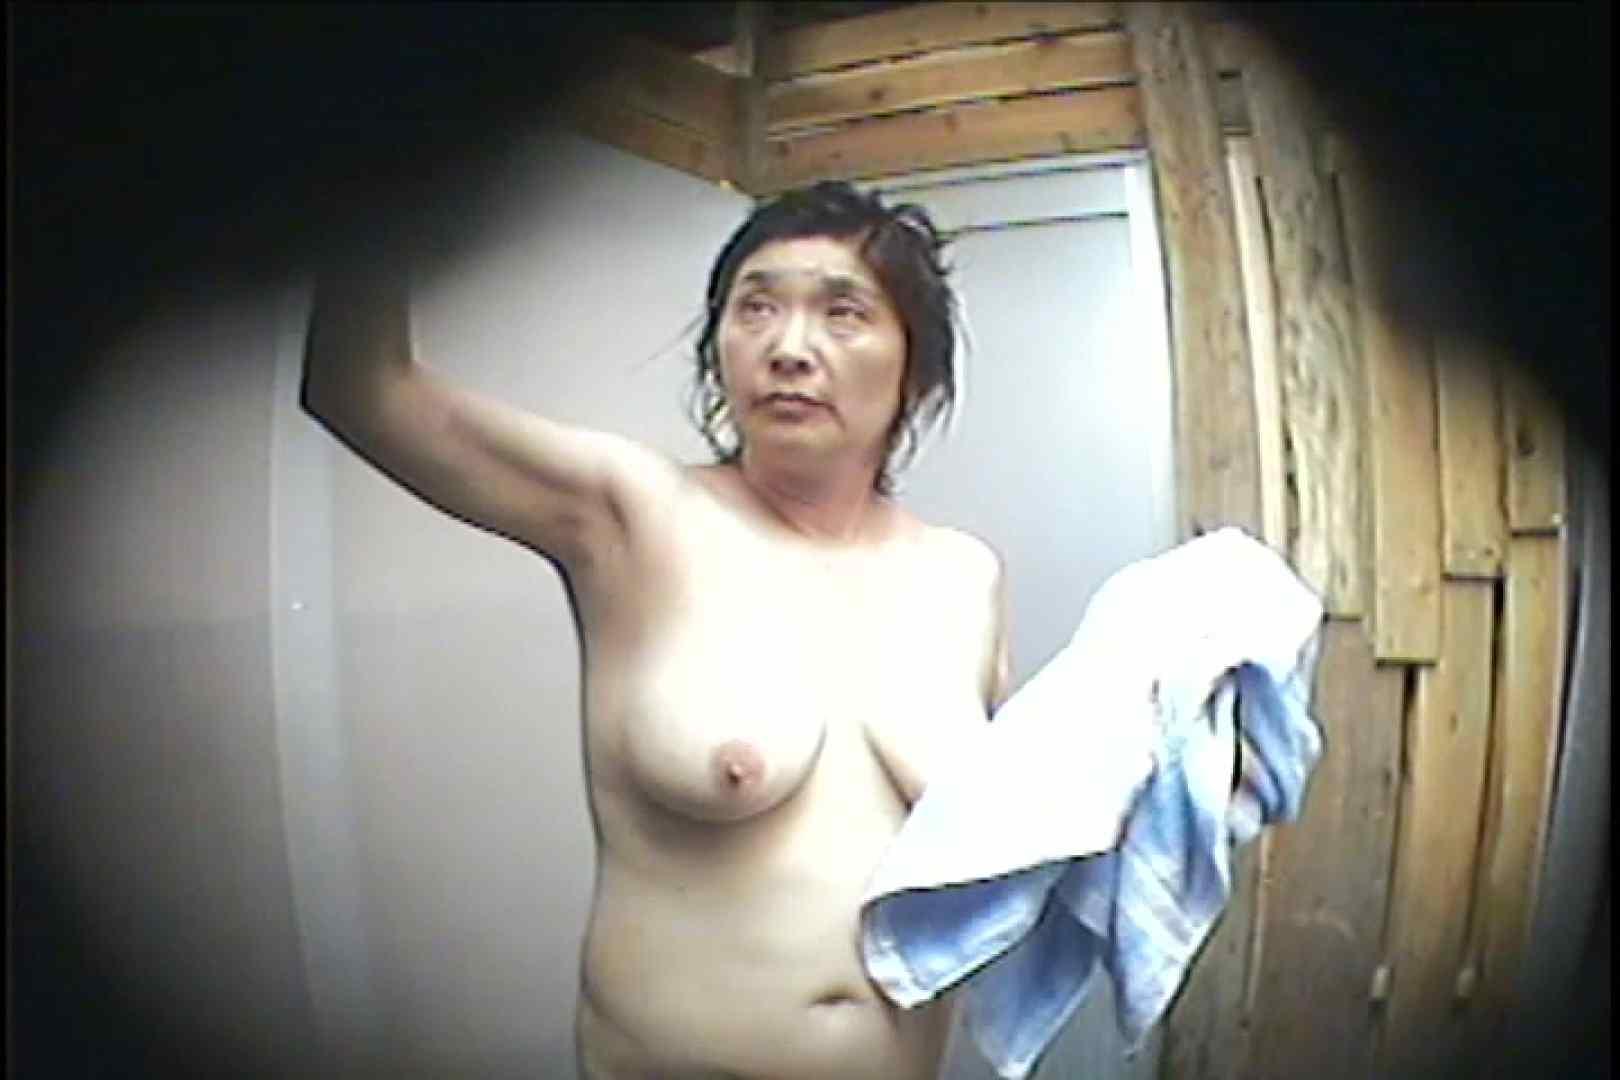 海の家の更衣室 Vol.53 シャワーシーン セックス画像 66連発 47